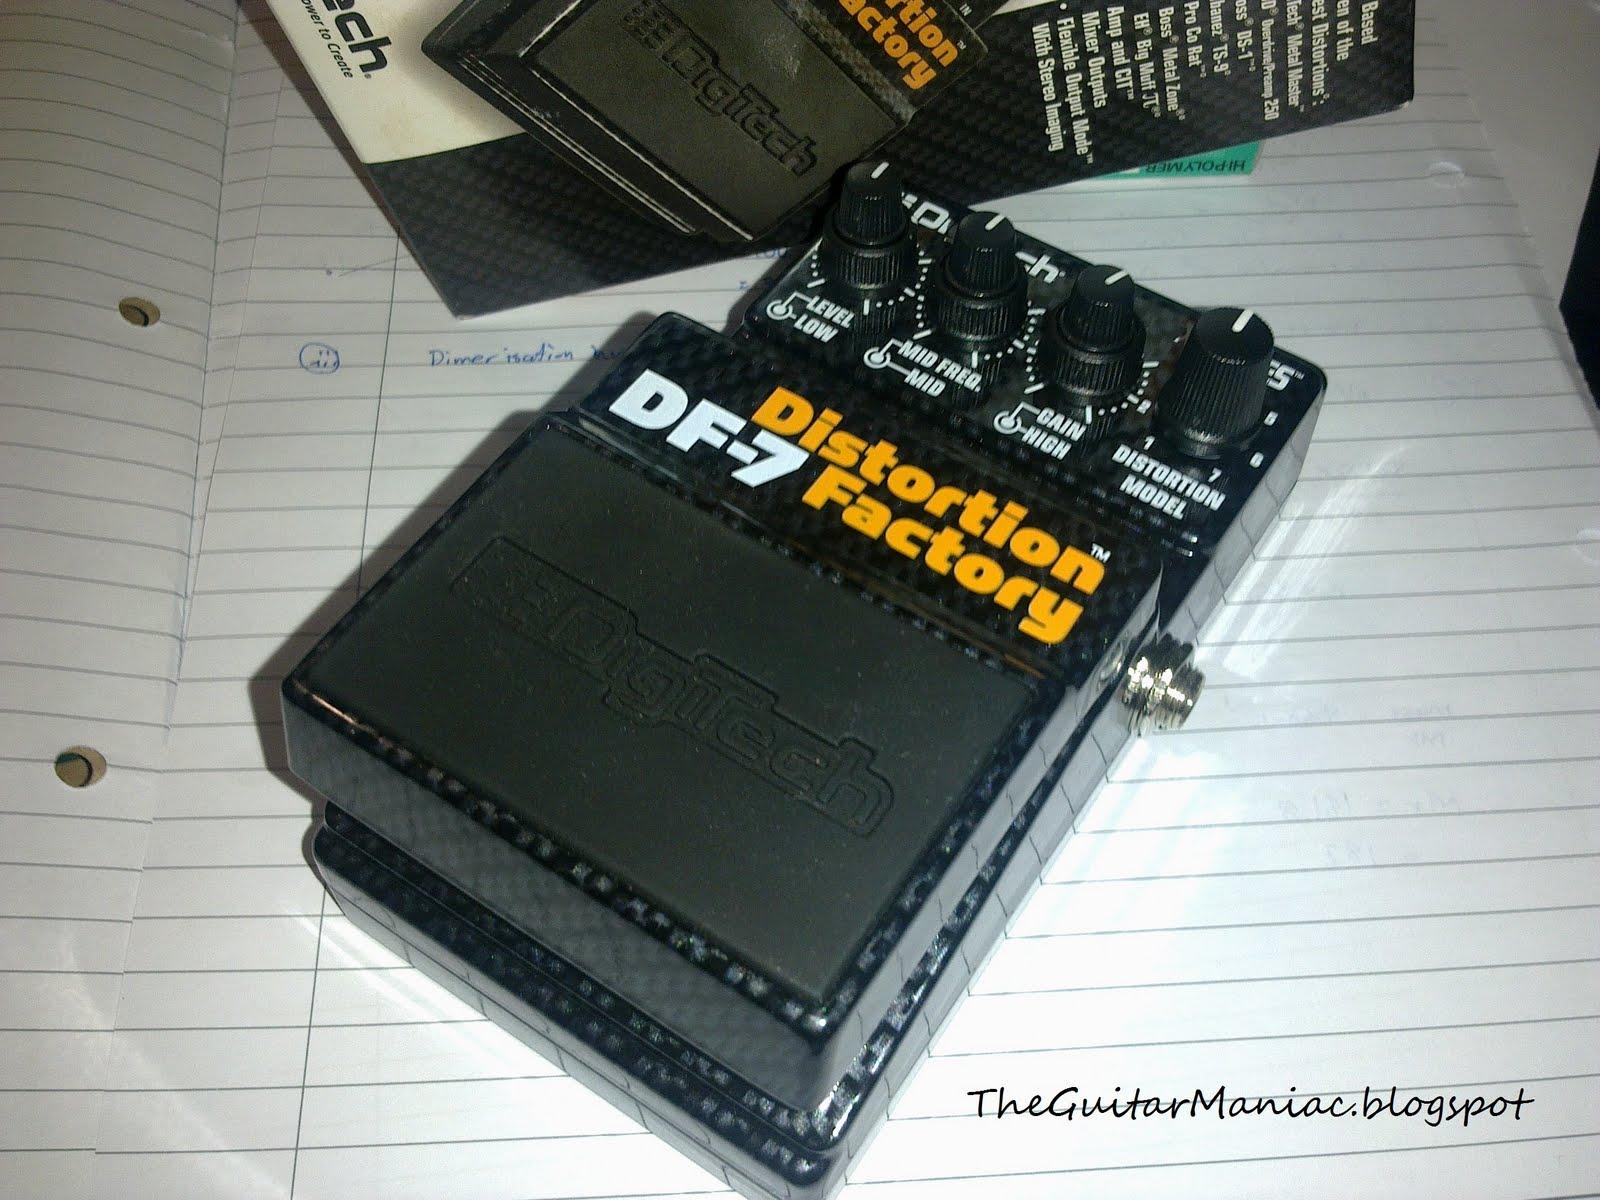 Pdf digitech rp500 manual